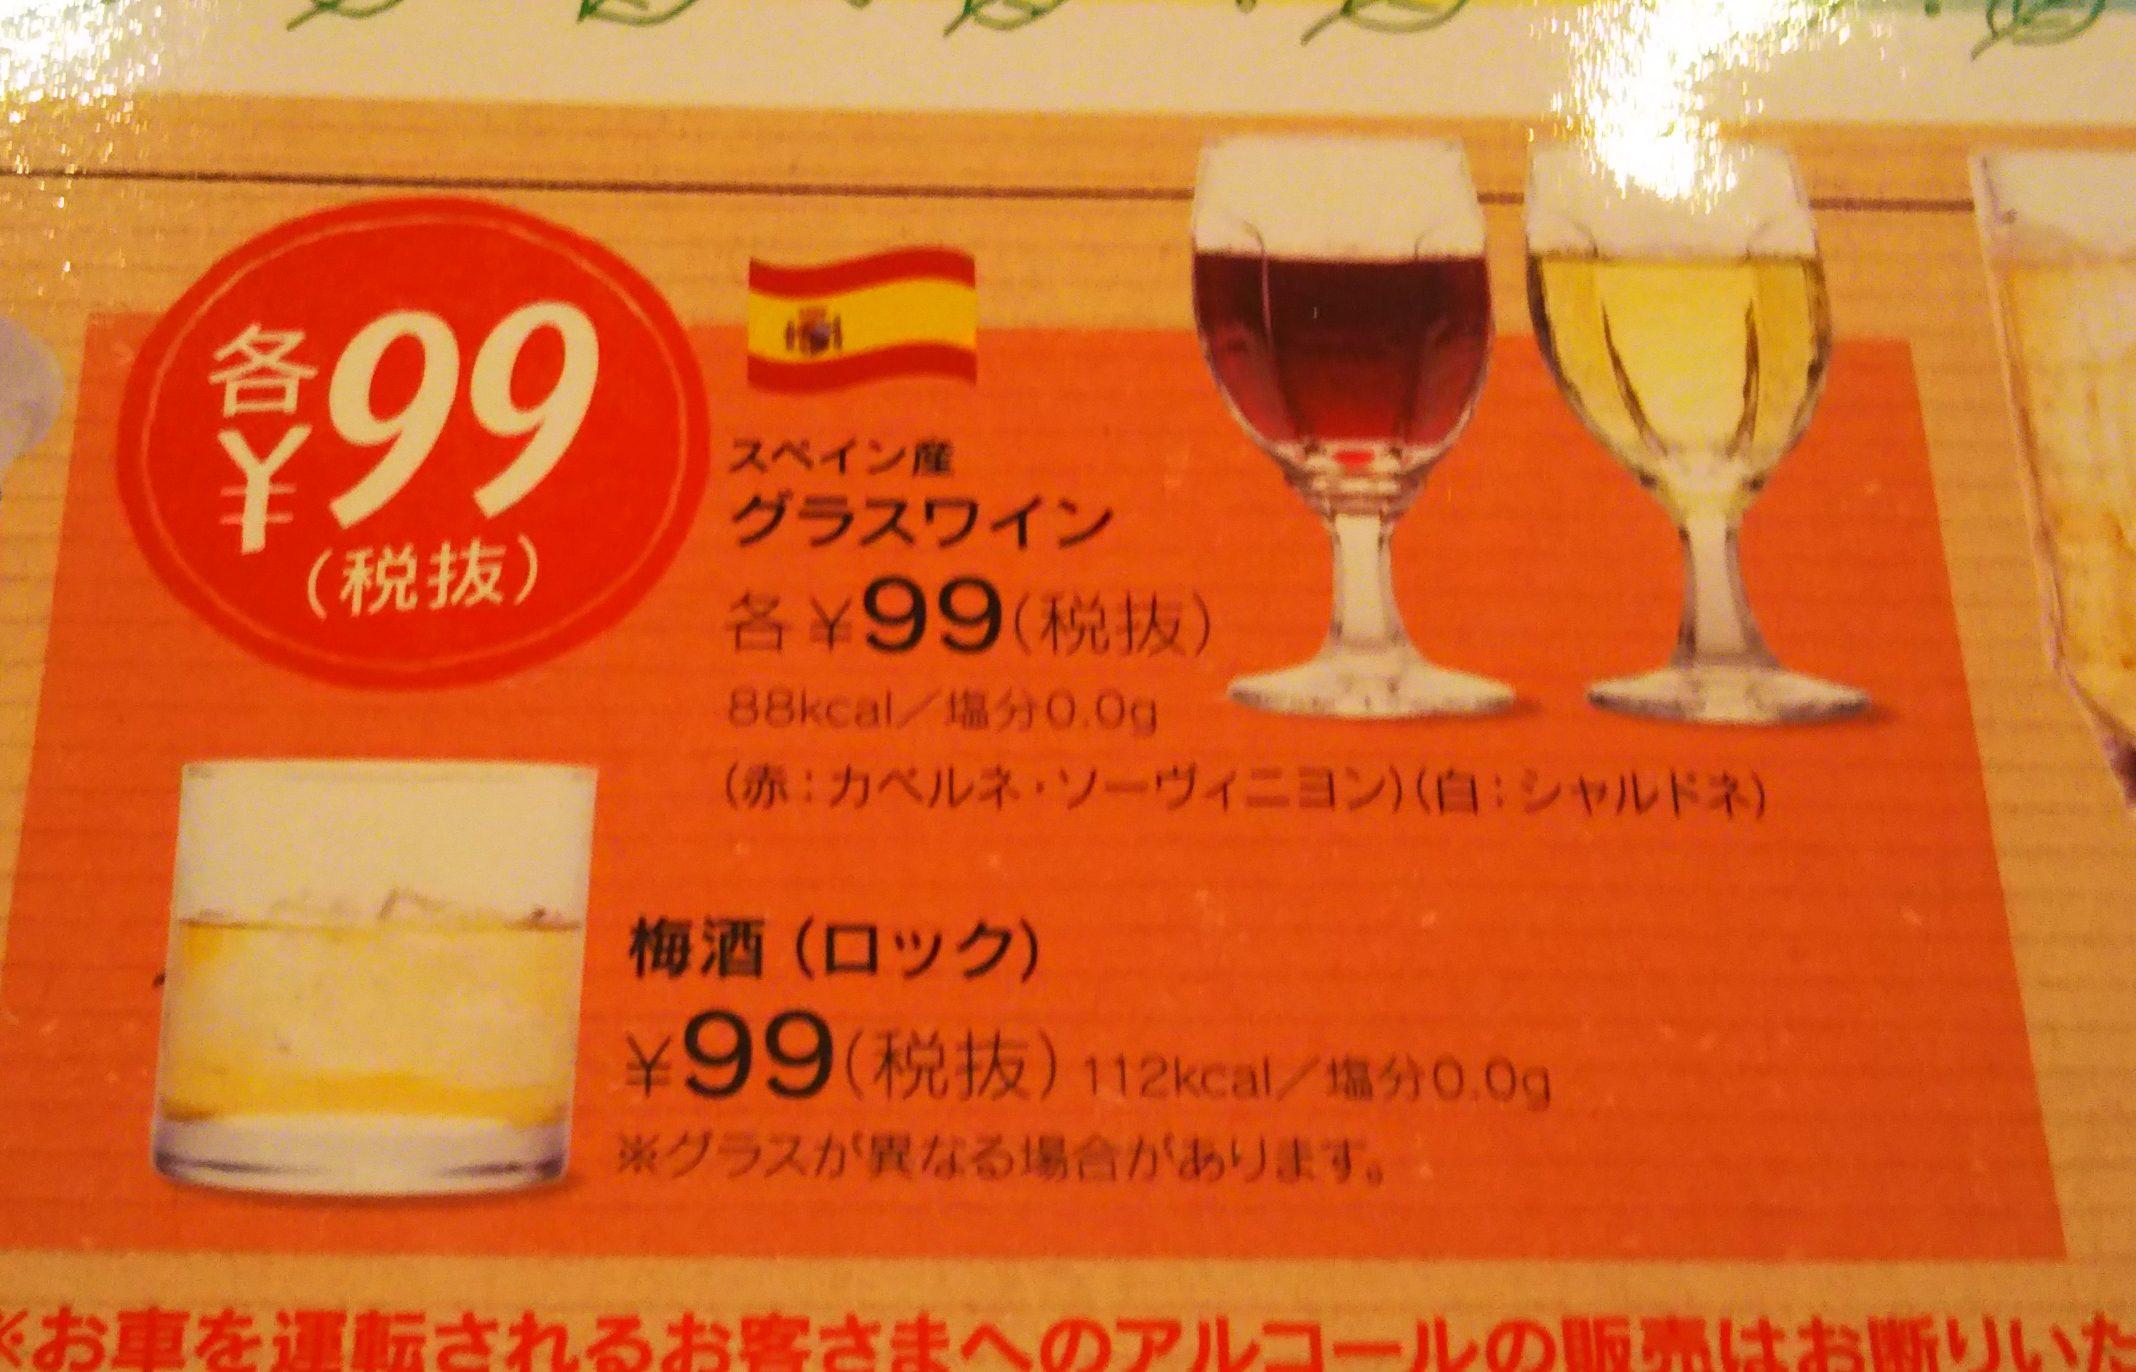 【ファミレス】99円で梅酒ロック!ちょこっと飲みにも!